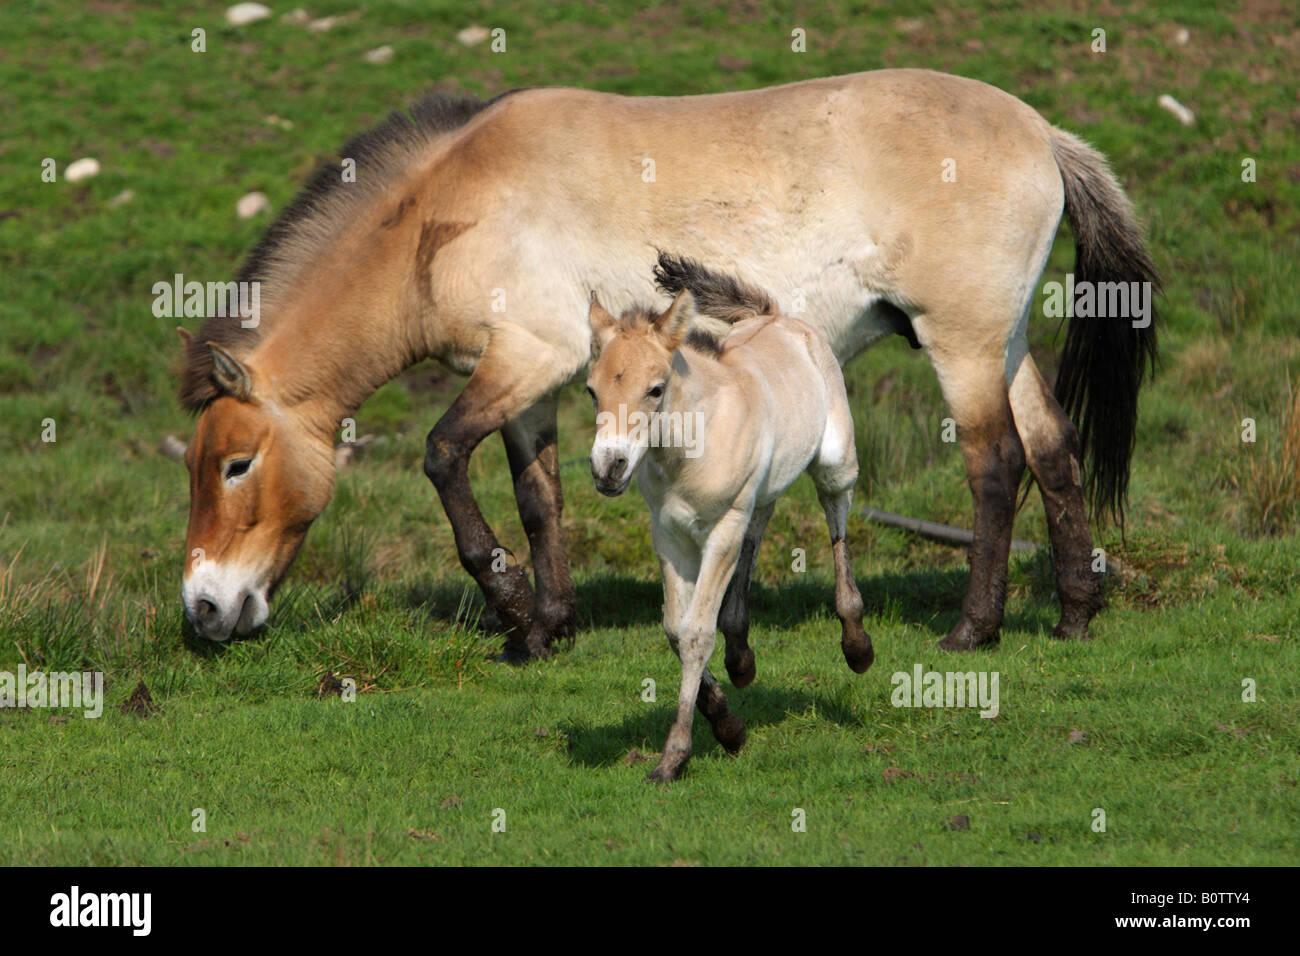 Newborn horse standing - photo#12